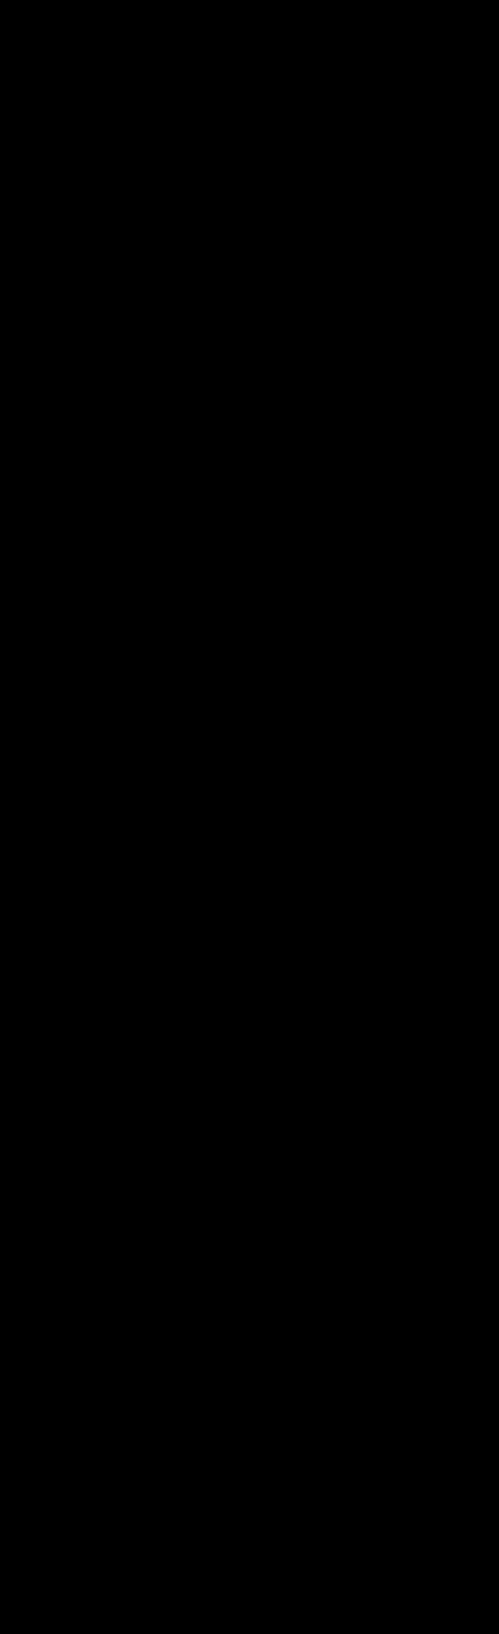 คอร์ดกีตาร์ ง่าย คอร์ดกีต้าโปร่ง เพลง 100 เหตุผล